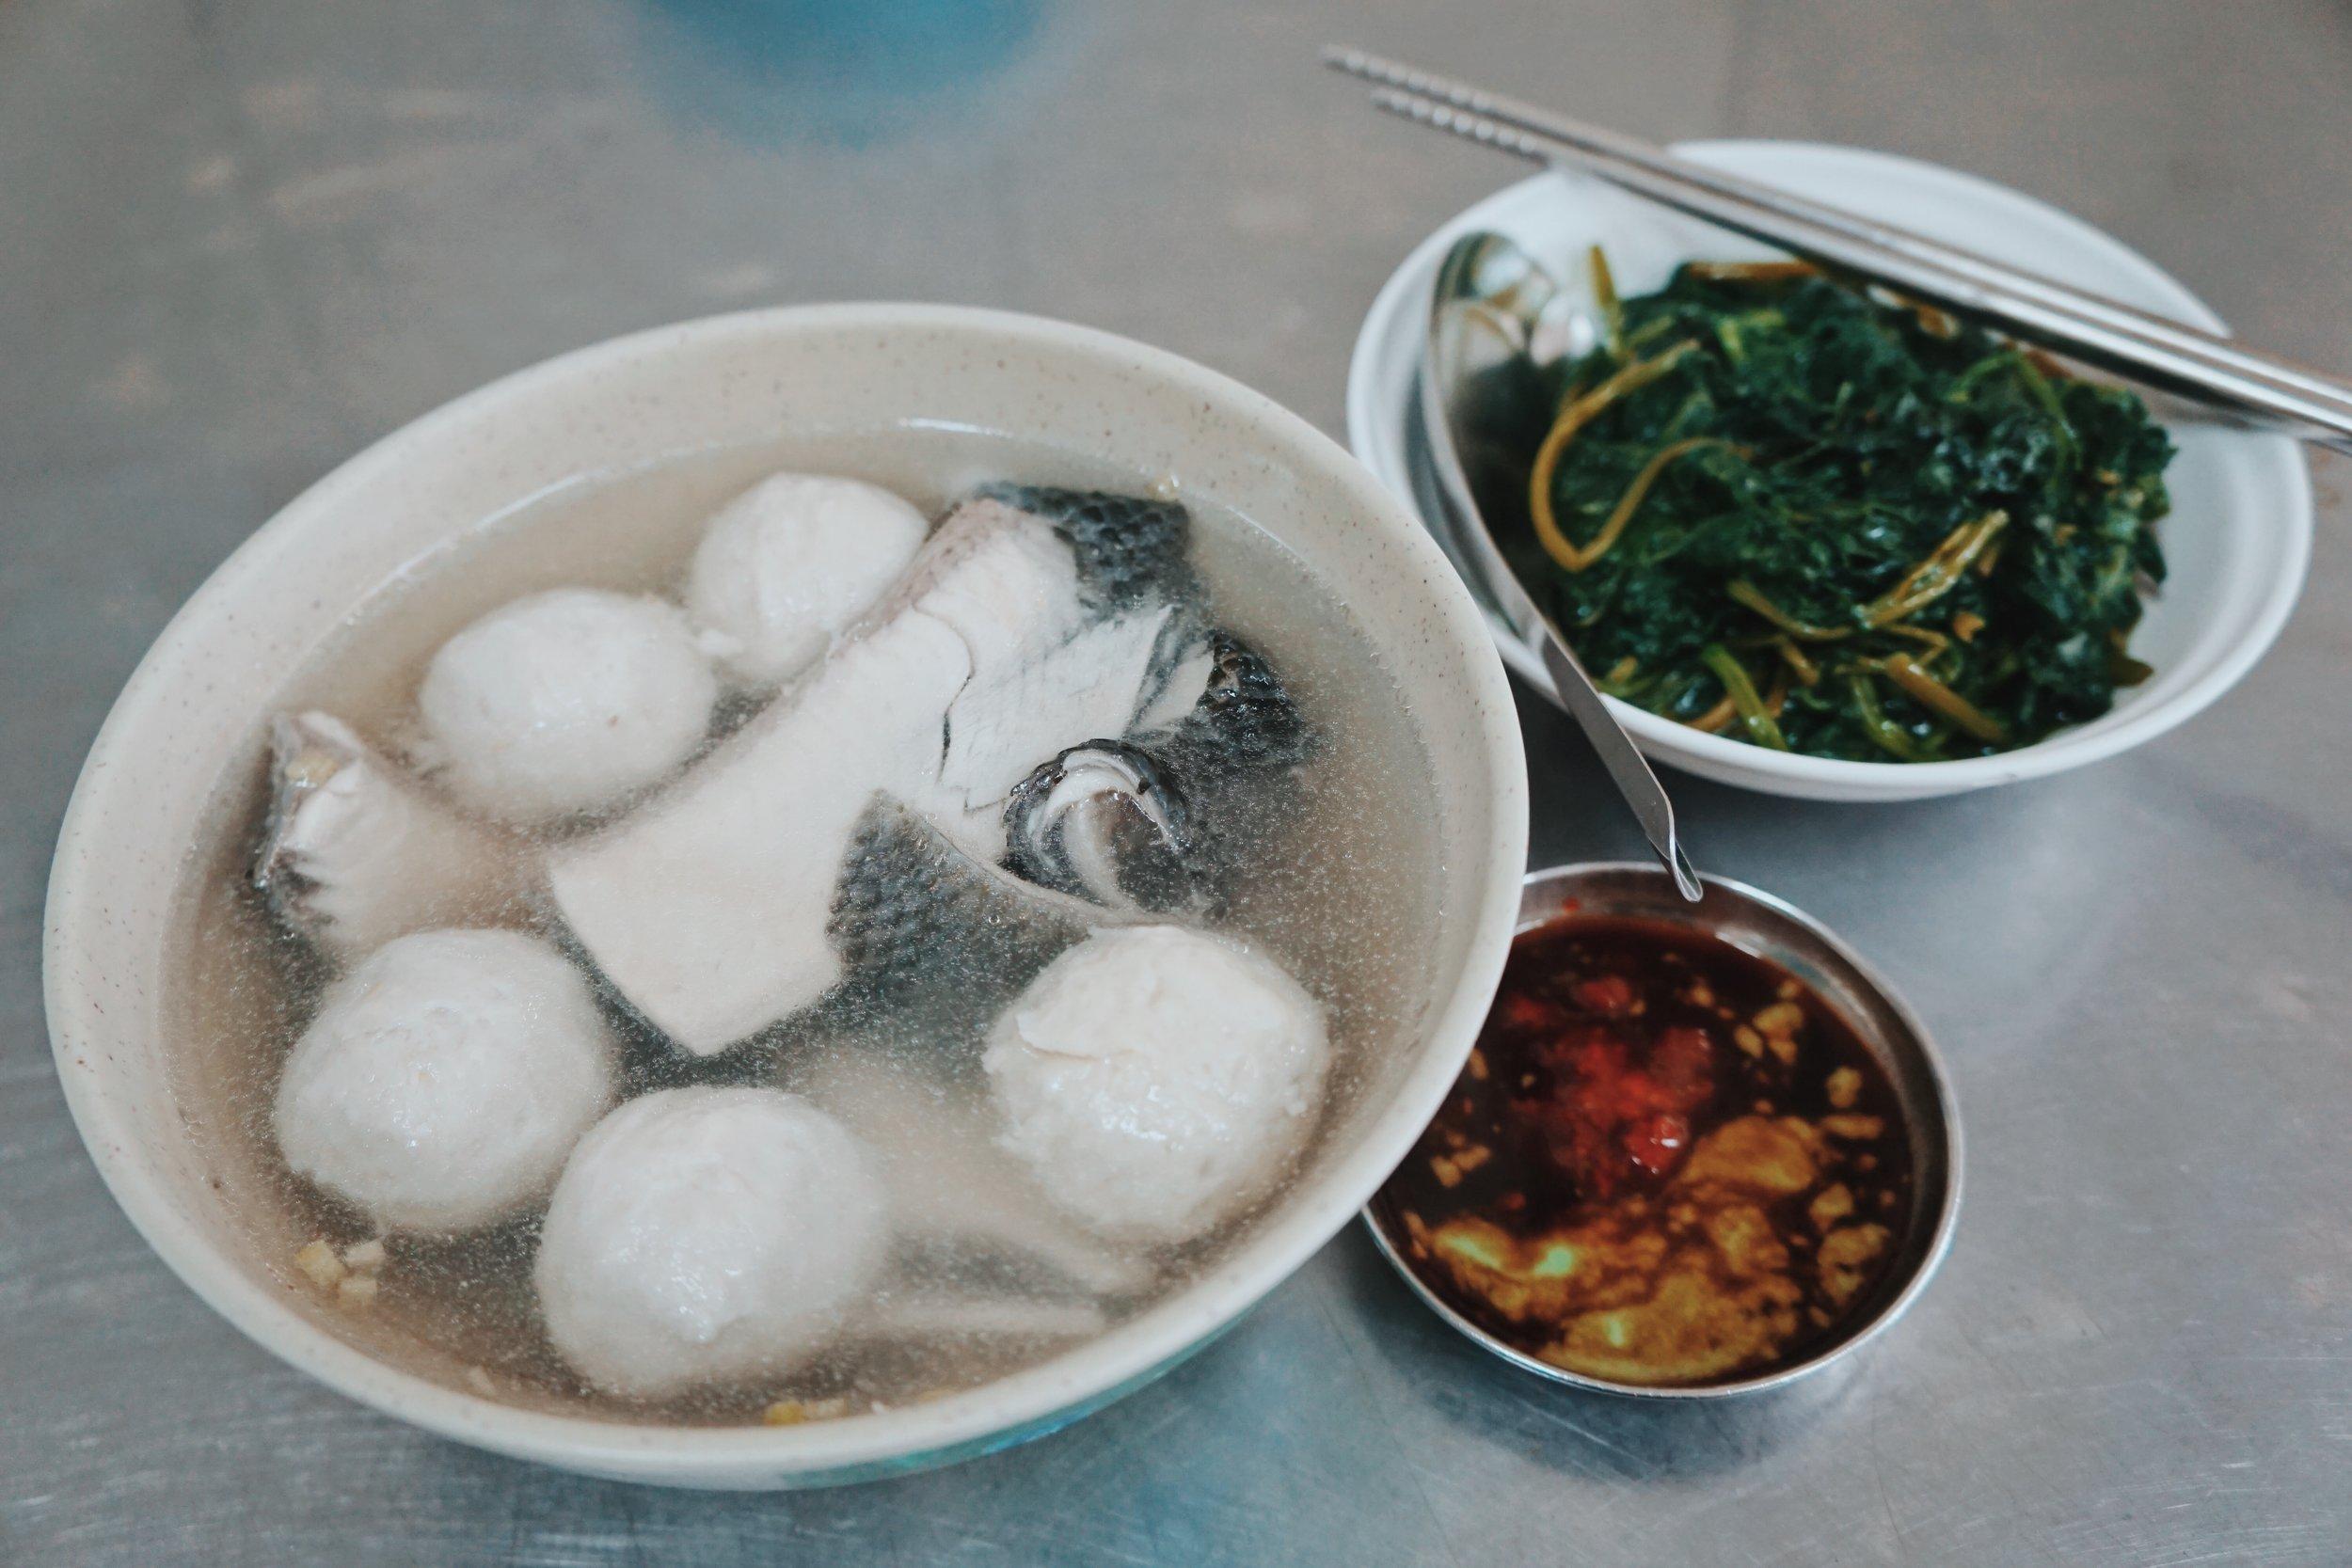 fish-skin-ball-soup-taiwan.jpg